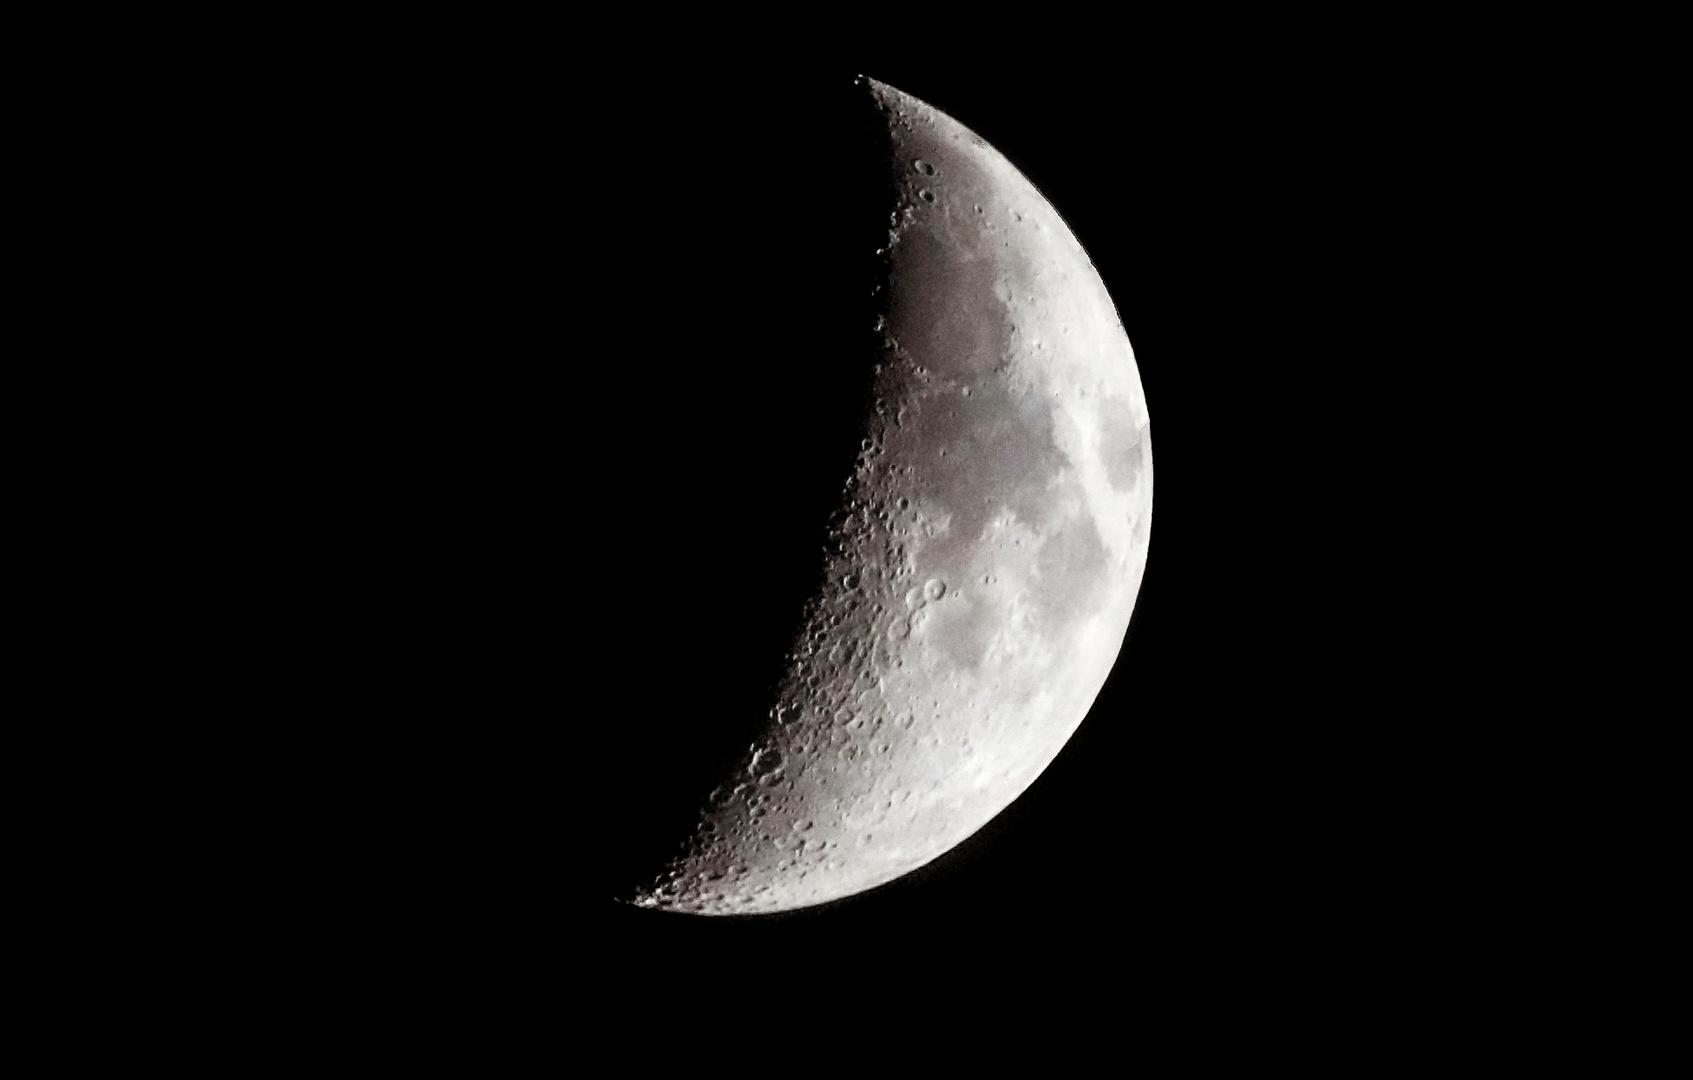 der Mond nimmt zu